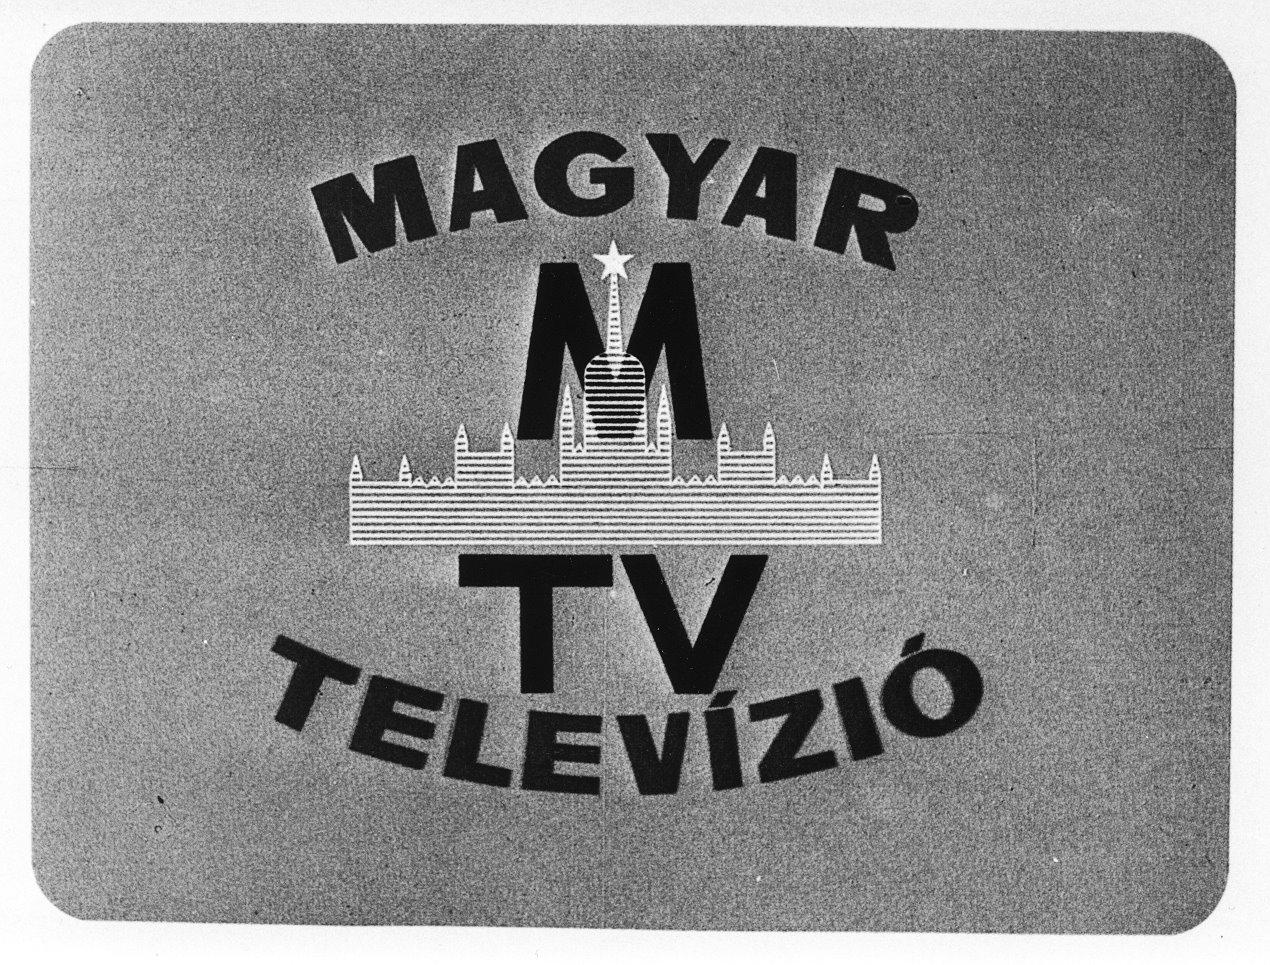 30 éve történt: Tűz ütött ki az MTV székházában